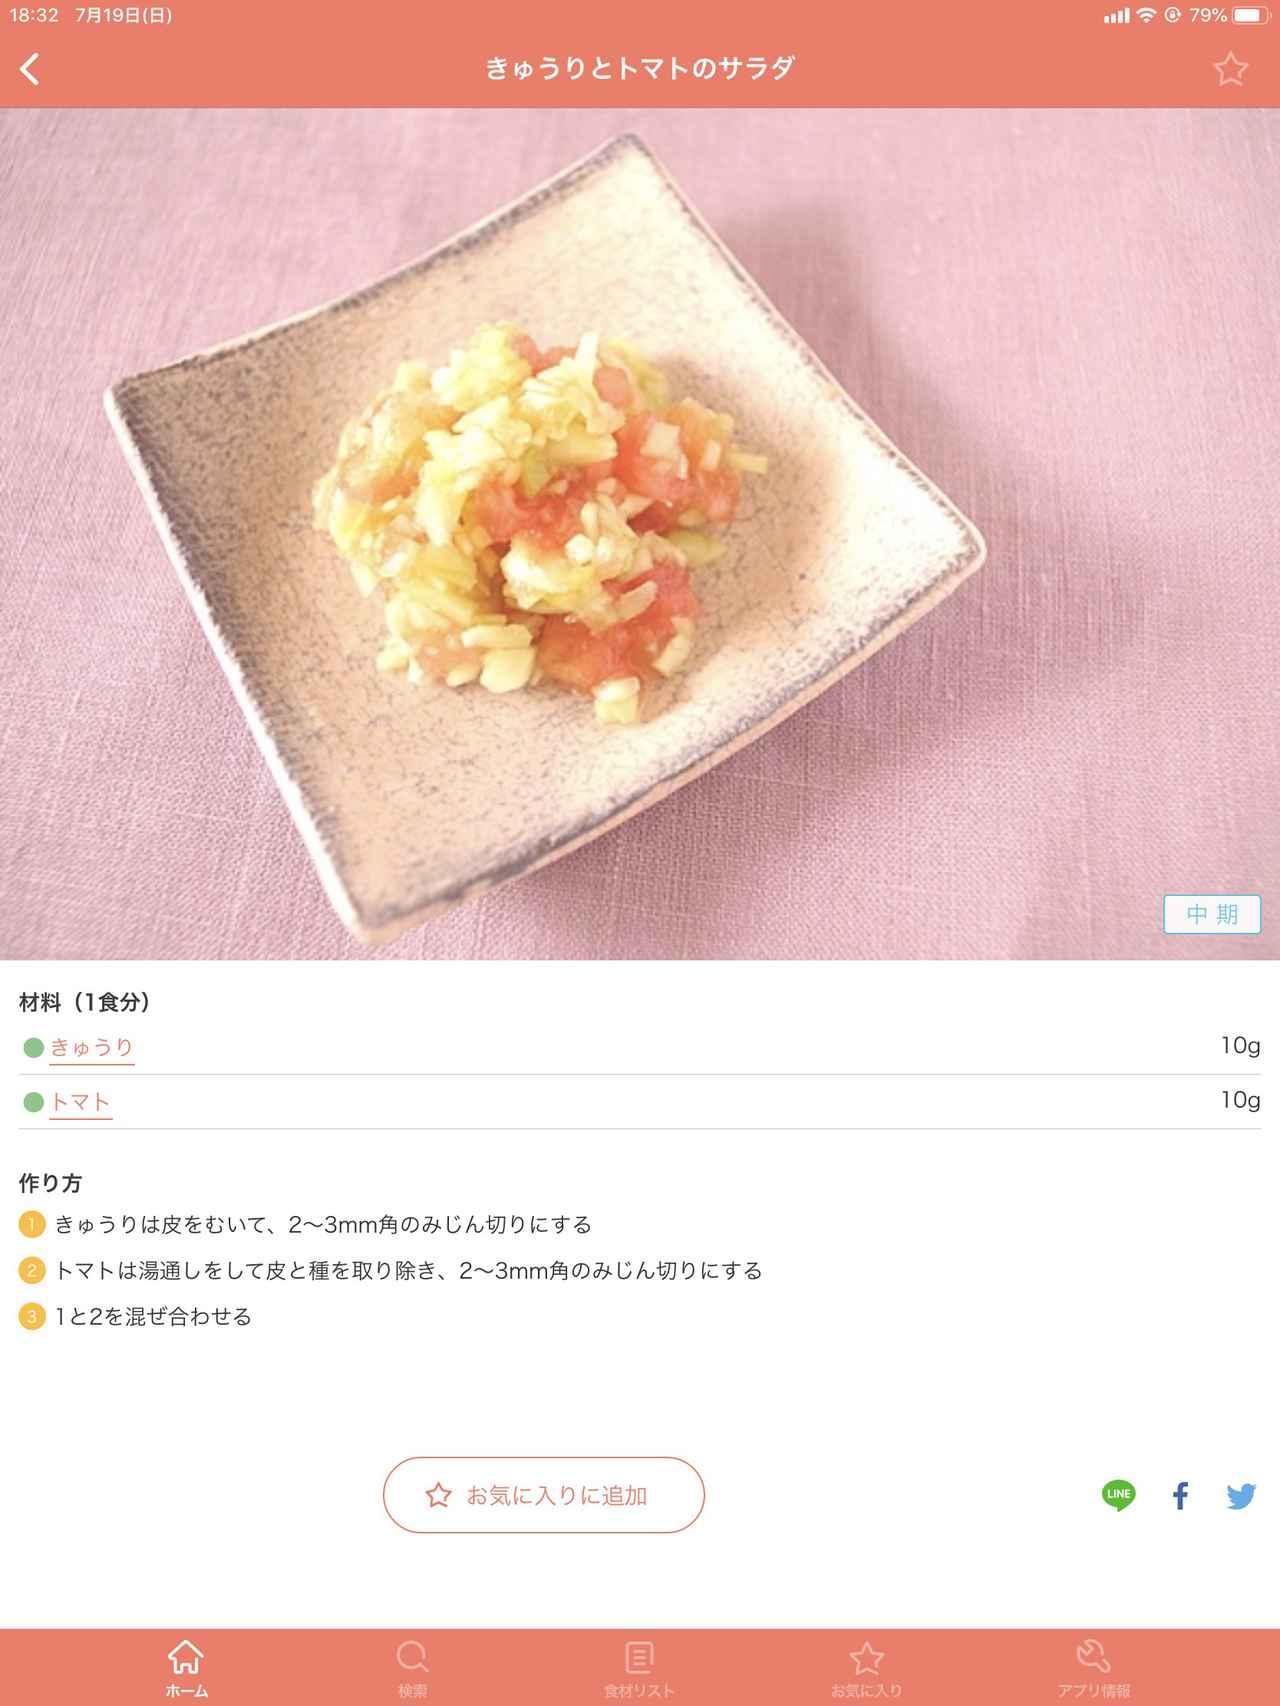 画像: 「手作り離乳食」のレシピ画面